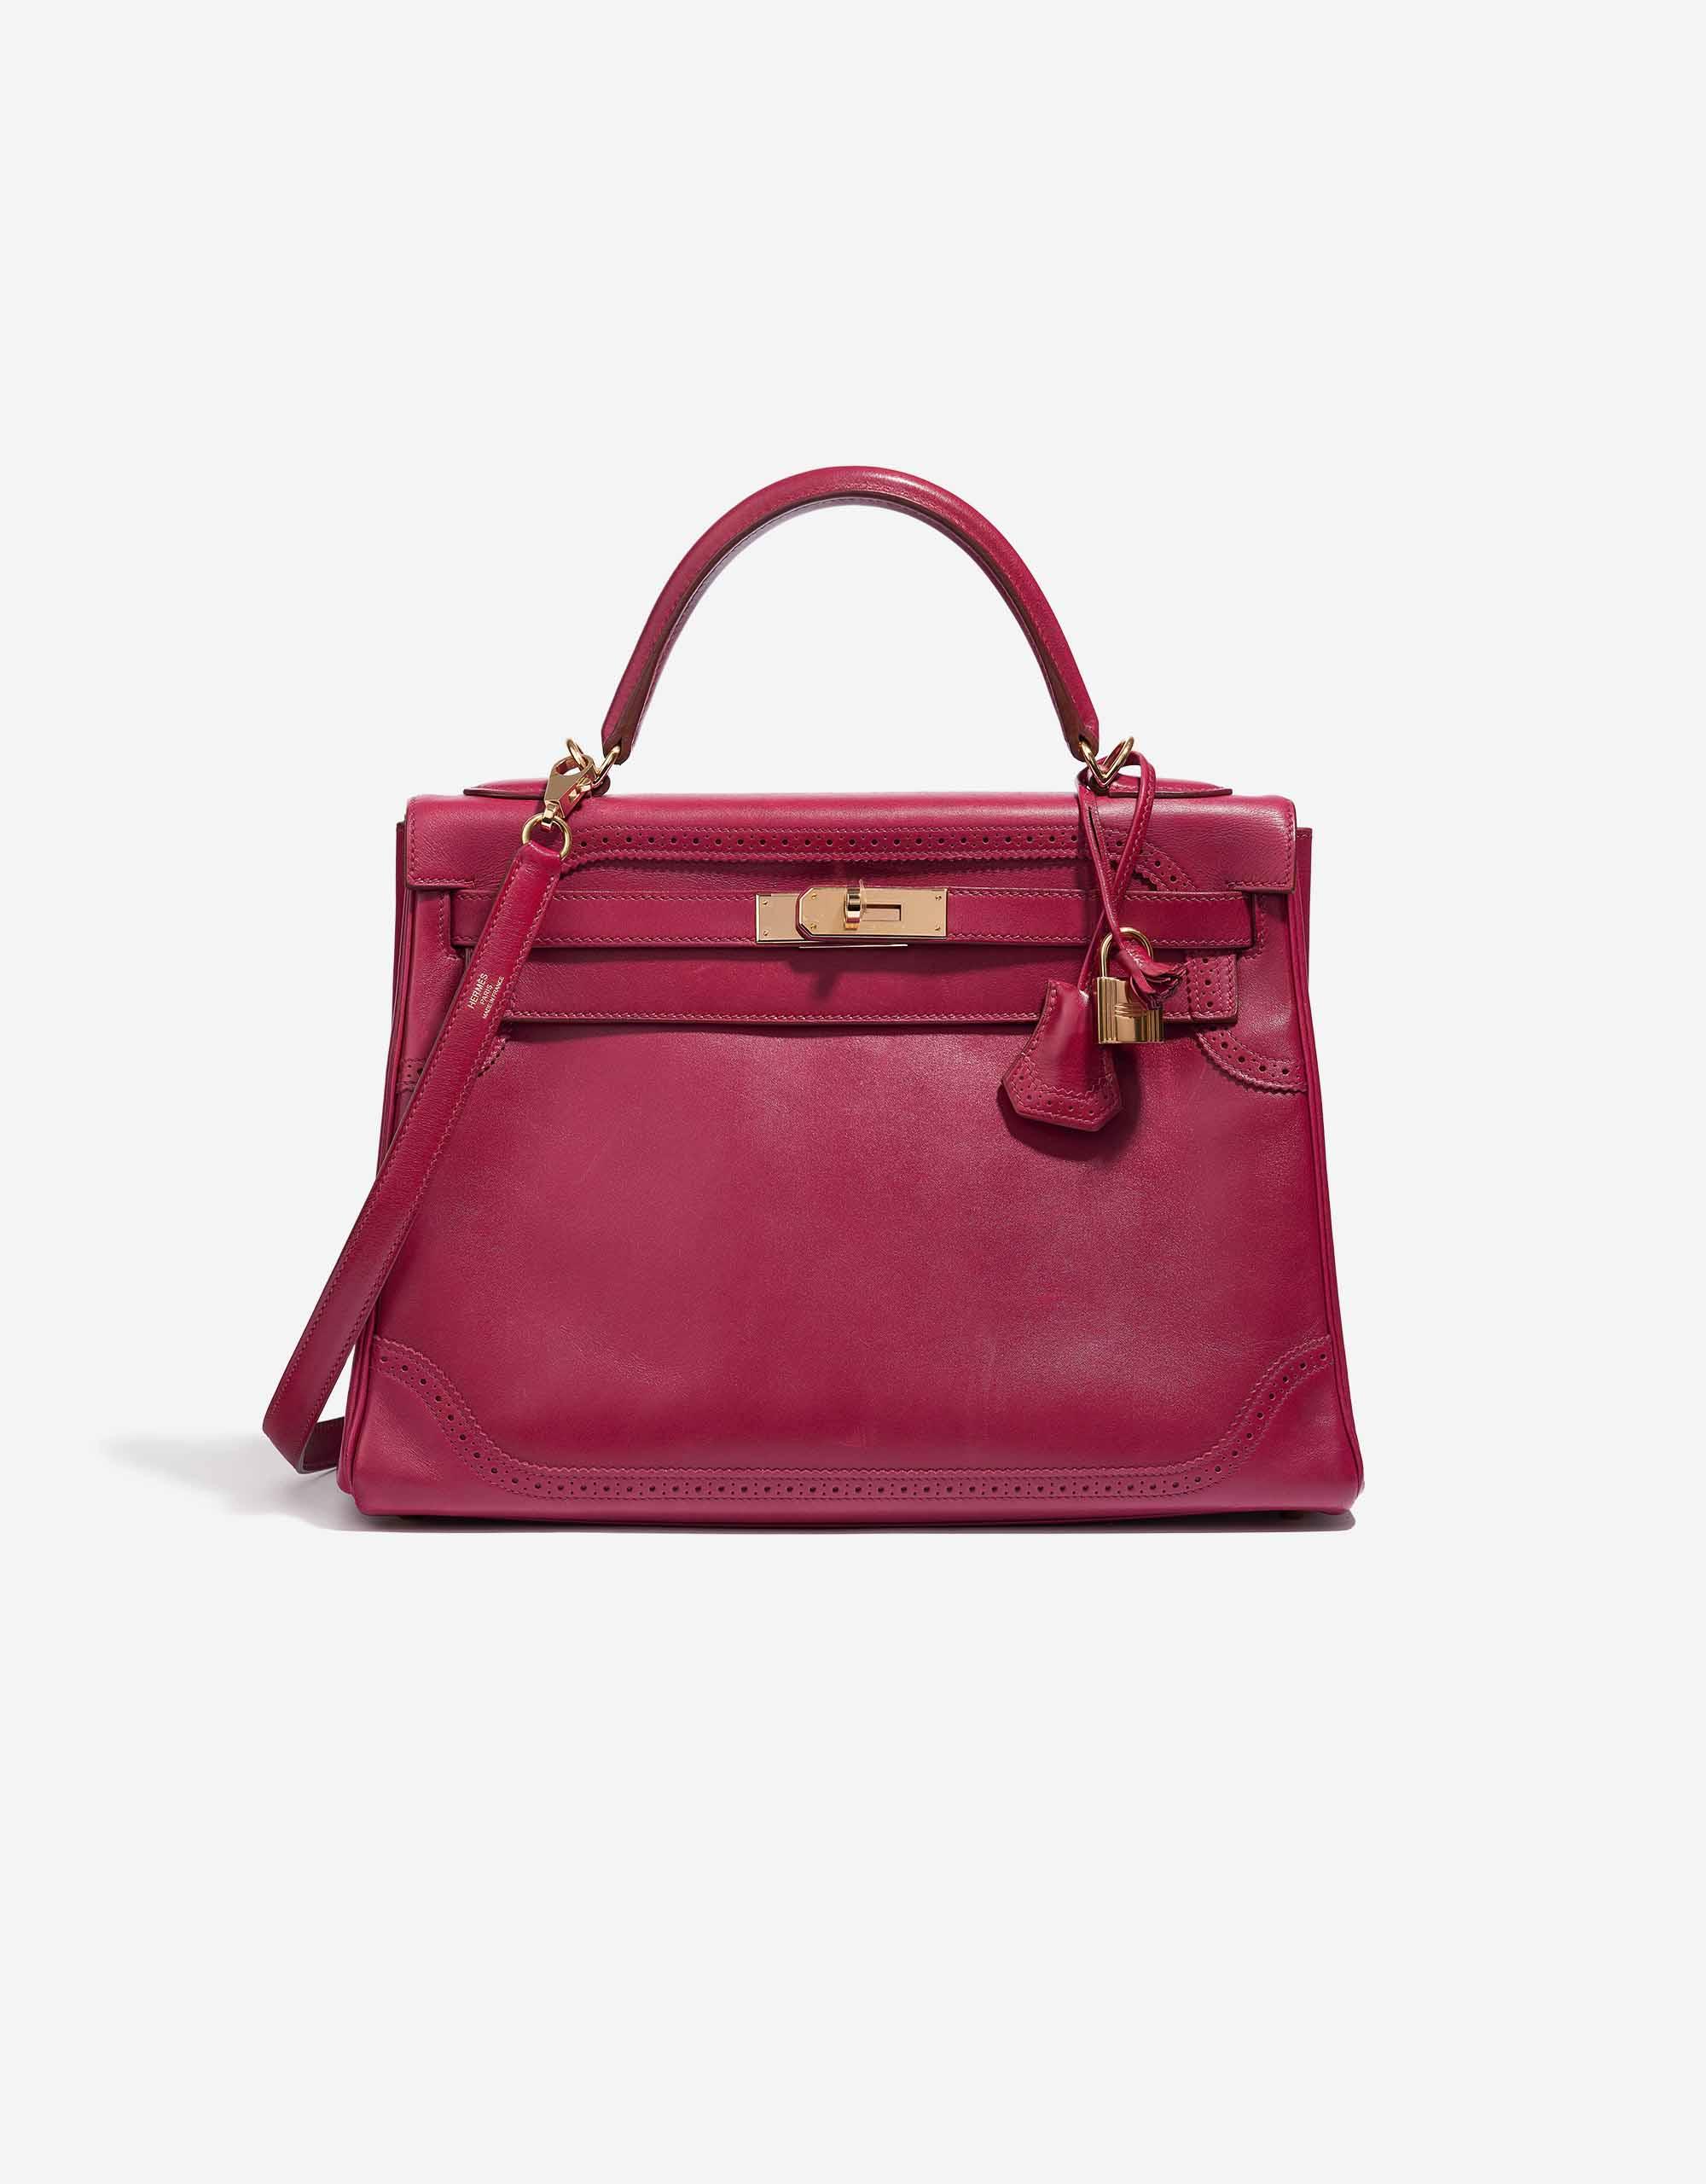 Hermès Kelly 32 Ghillies Tadelakt Rubis | SACLÀB